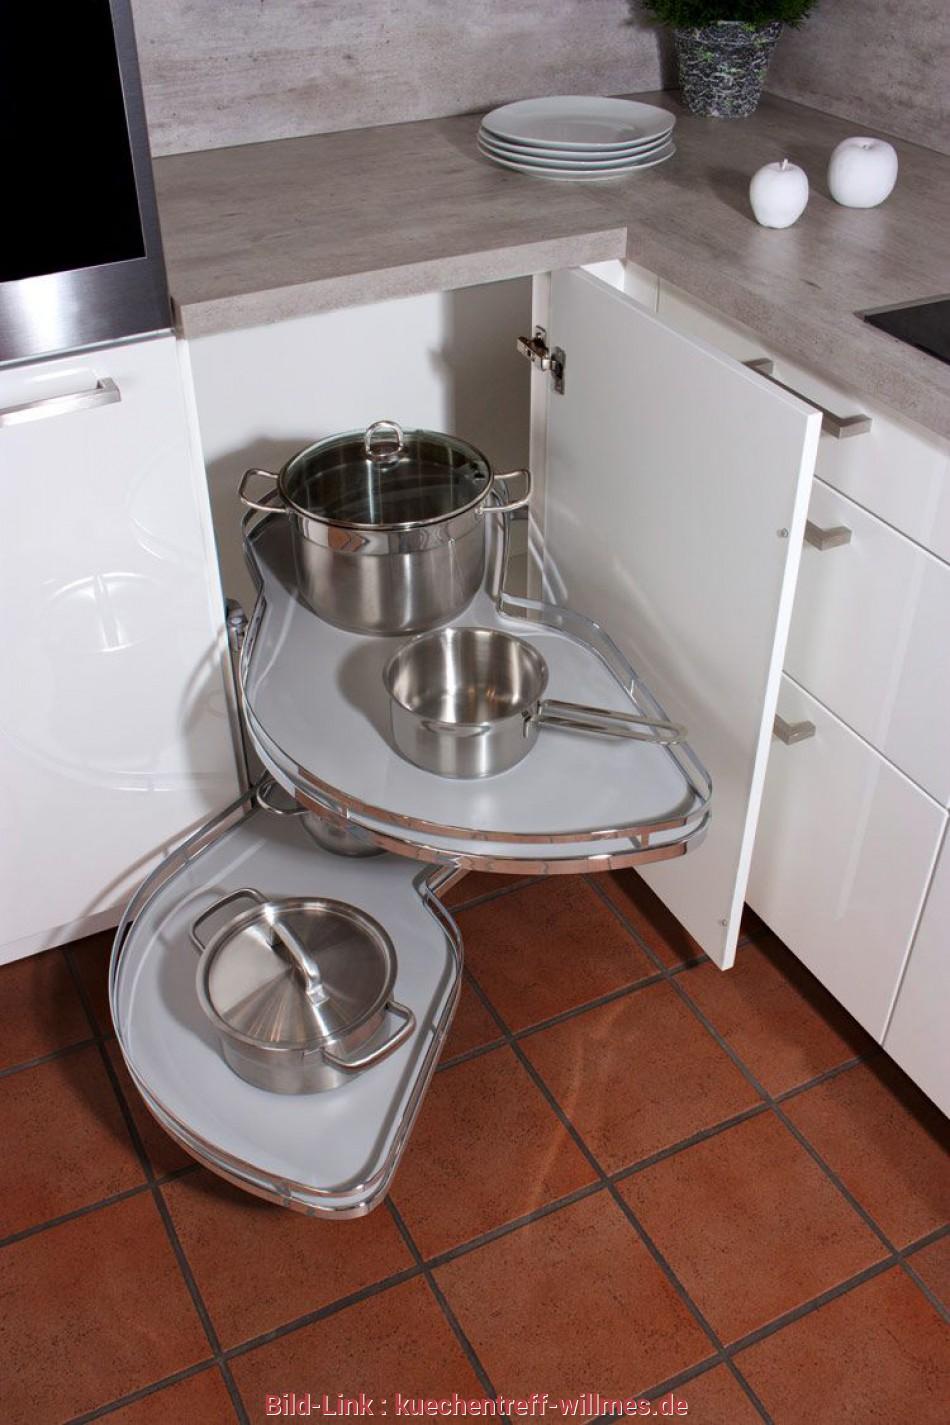 Full Size of Küche Eckschrank Rondell 5 Einfach Kche Schubladeneinsatz Bad Rolladenschrank Schneidemaschine Keramik Waschbecken Was Kostet Eine Bank Abluftventilator Wohnzimmer Küche Eckschrank Rondell